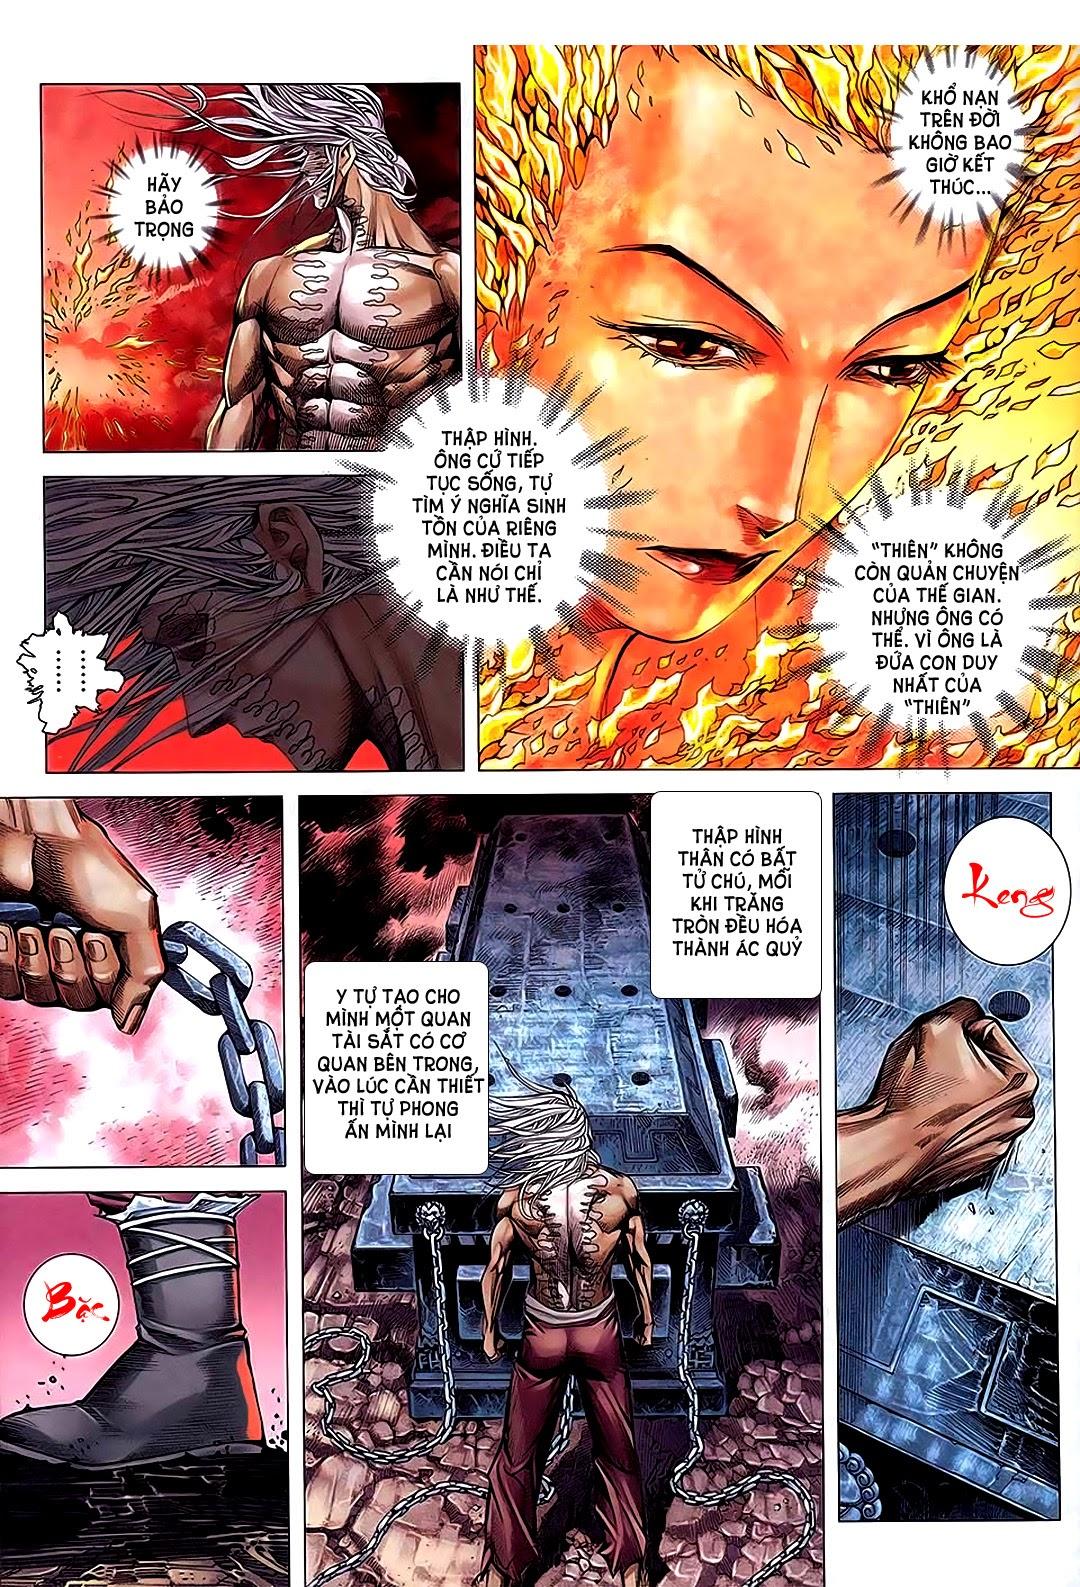 Phong Thần Ký chap 182 – End Trang 11 - Mangak.info